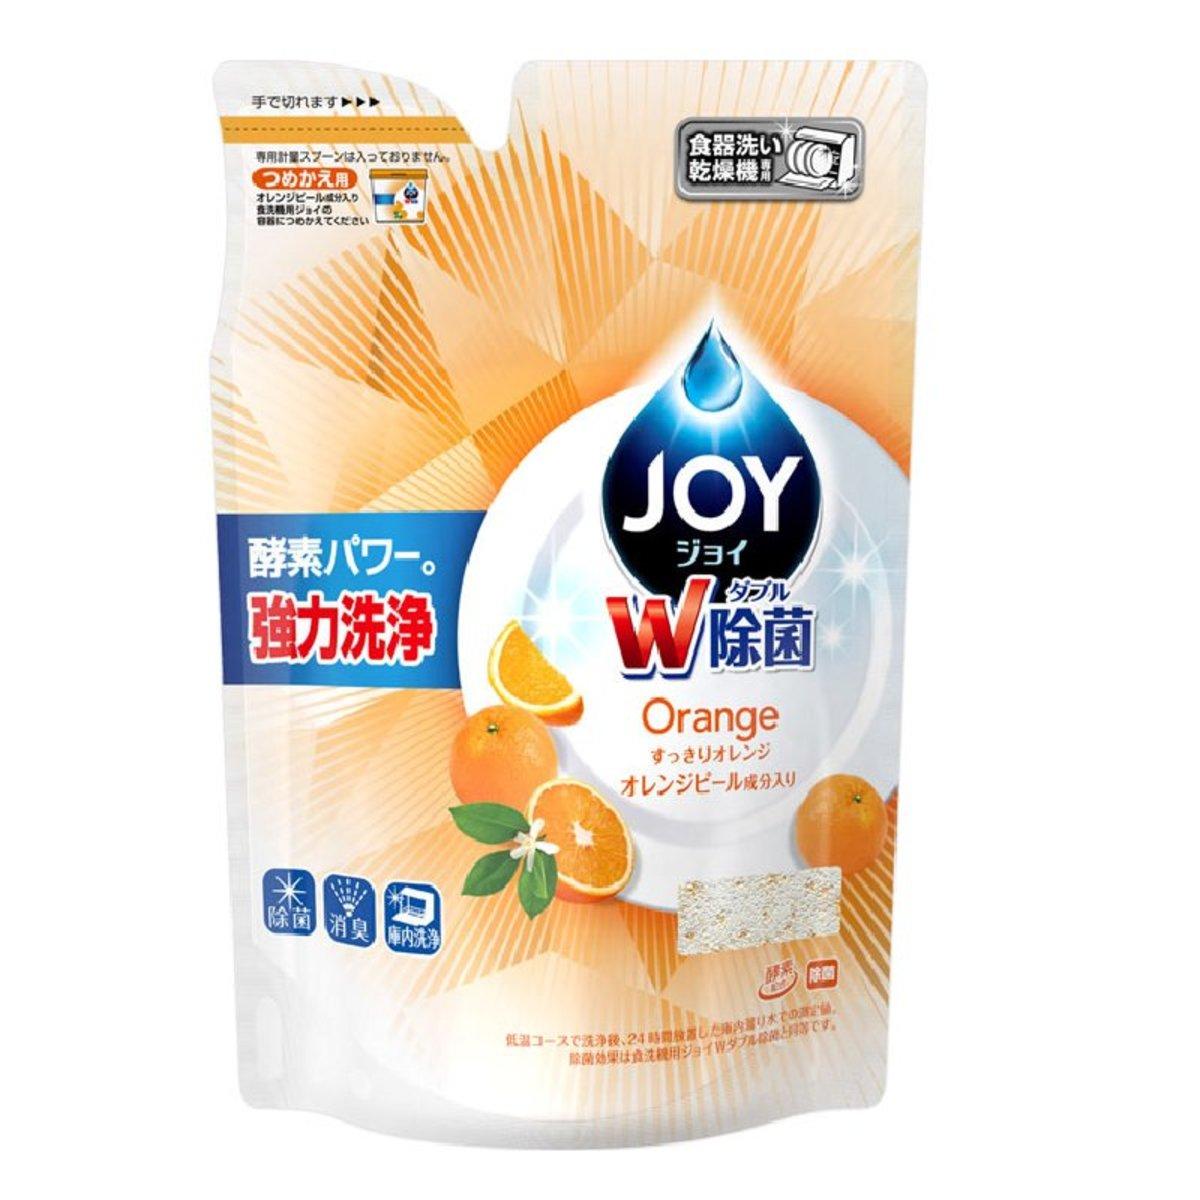 #橘香 W除菌酵素洗碗機專用洗碗粉補充裝(橙) 490g